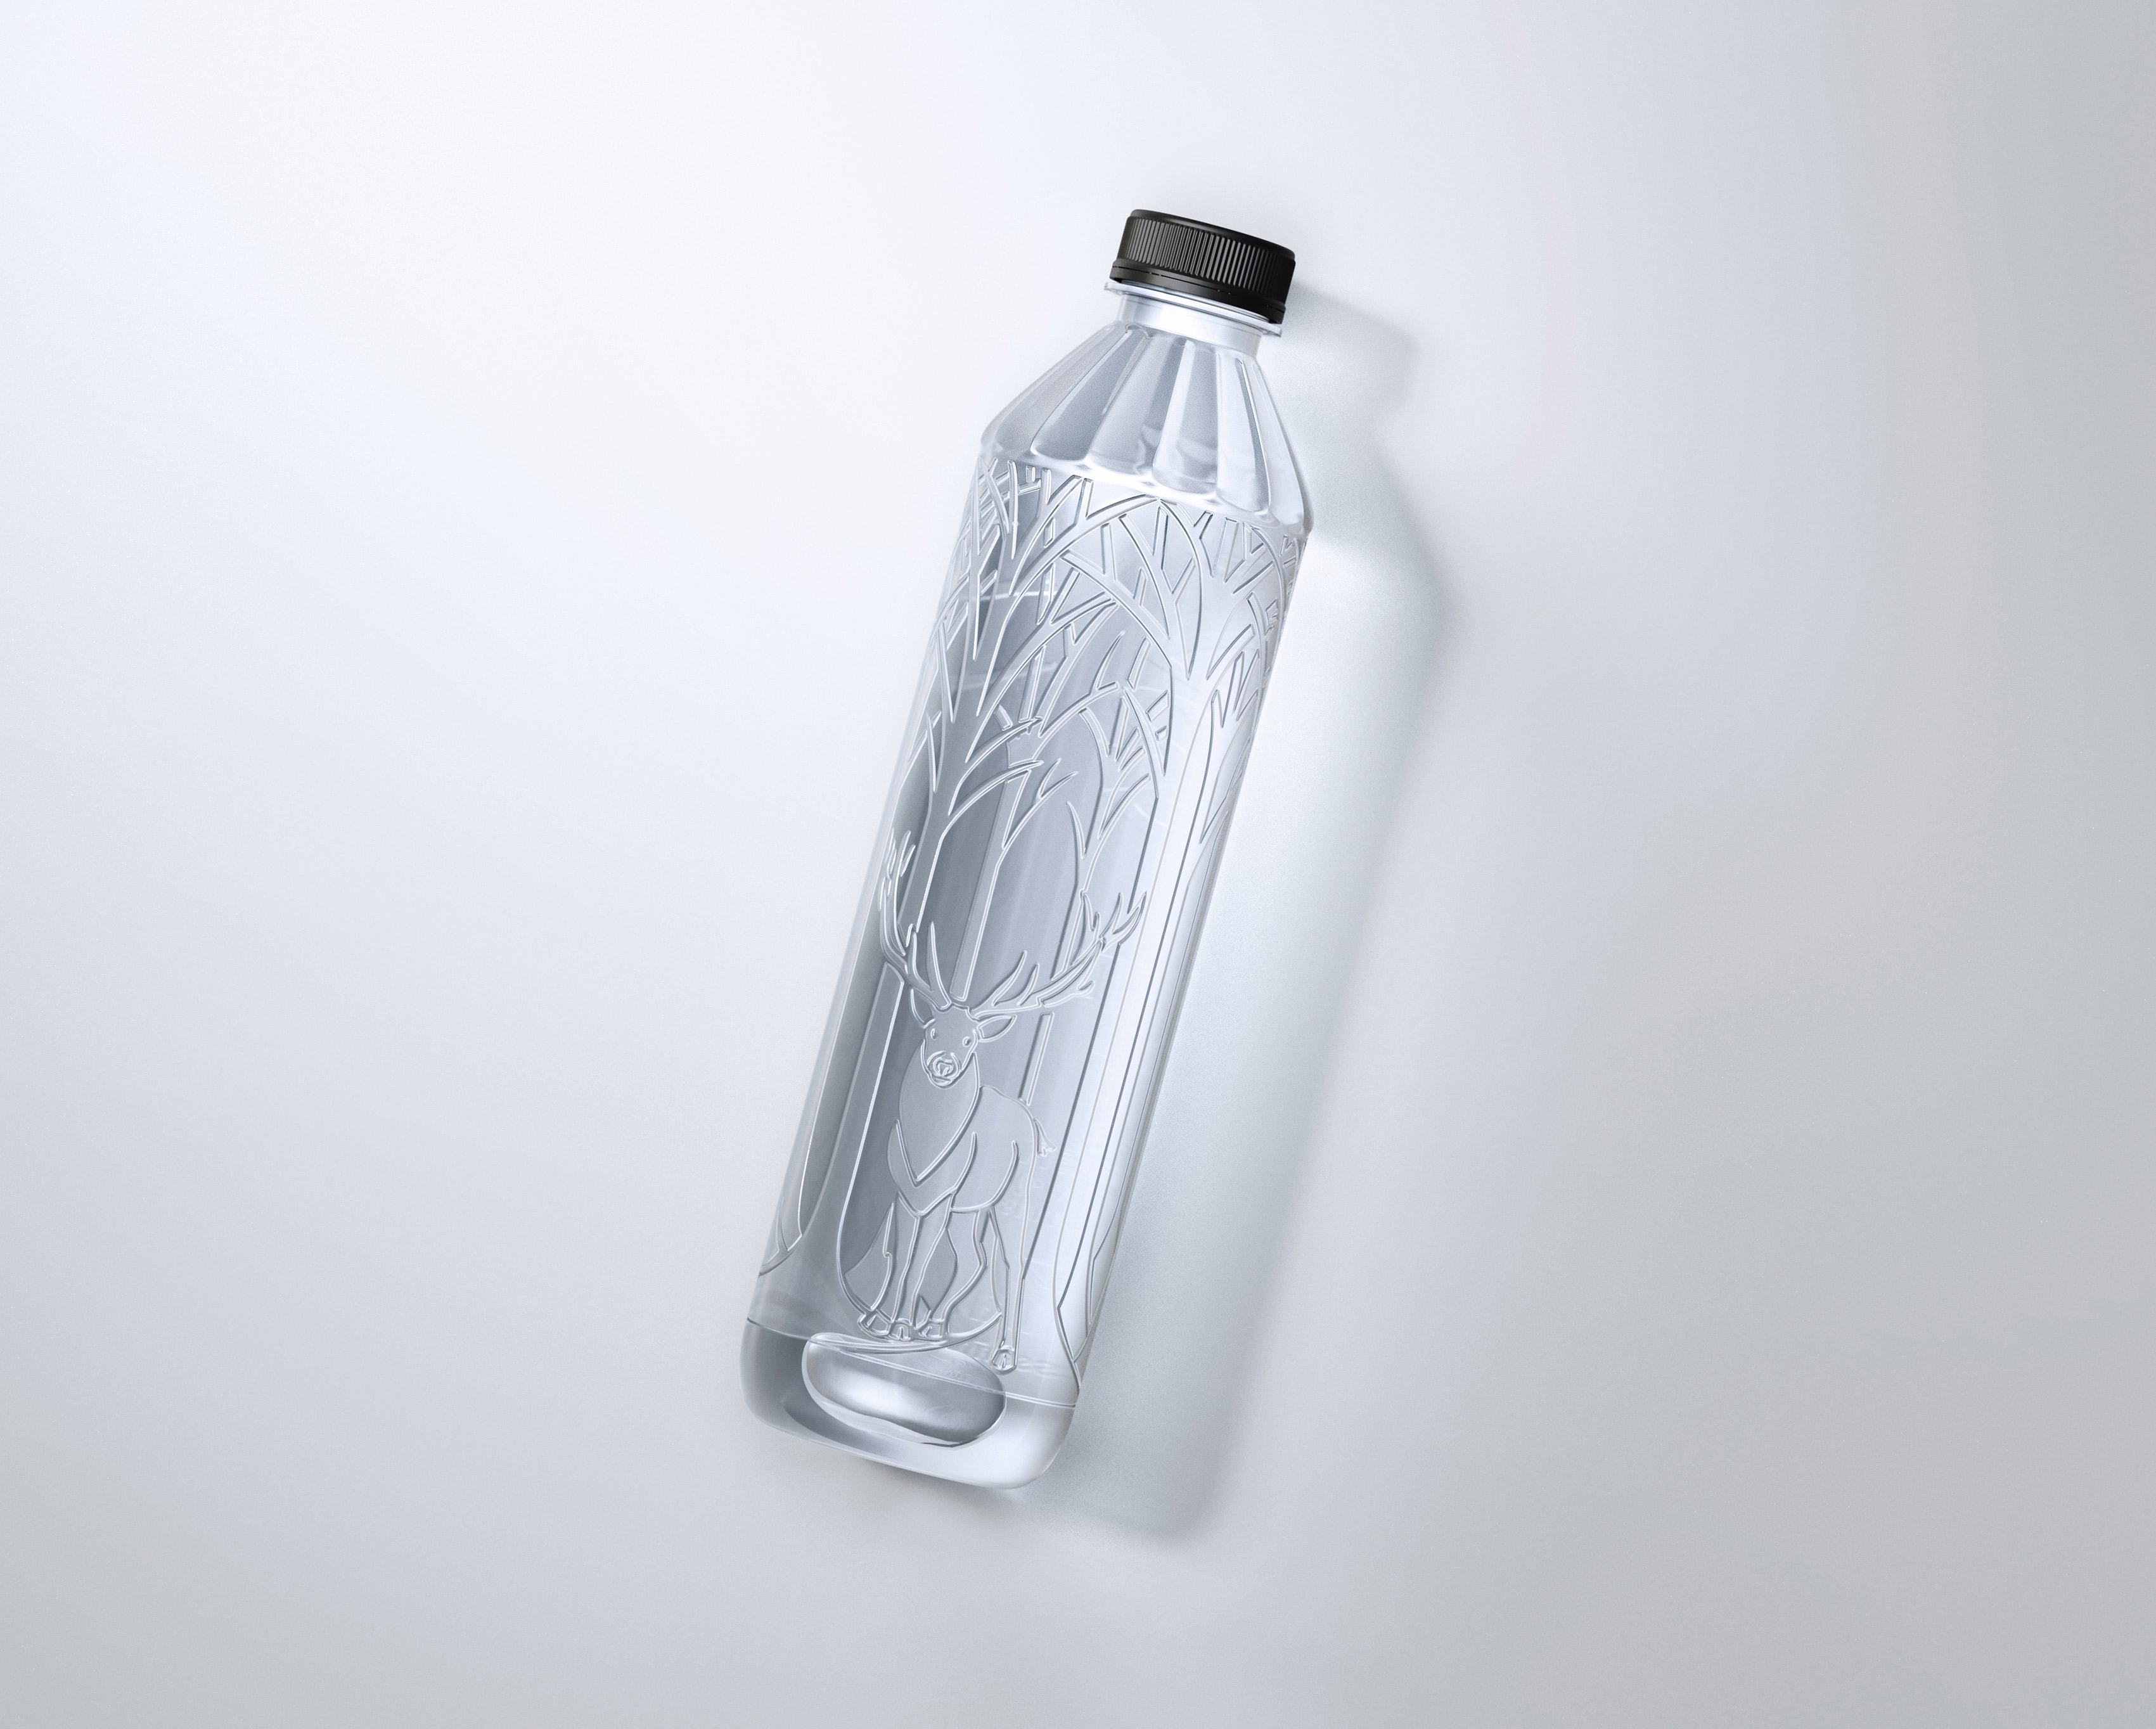 亚洲包装设计 |无标签矿泉水包装设计创意欣赏